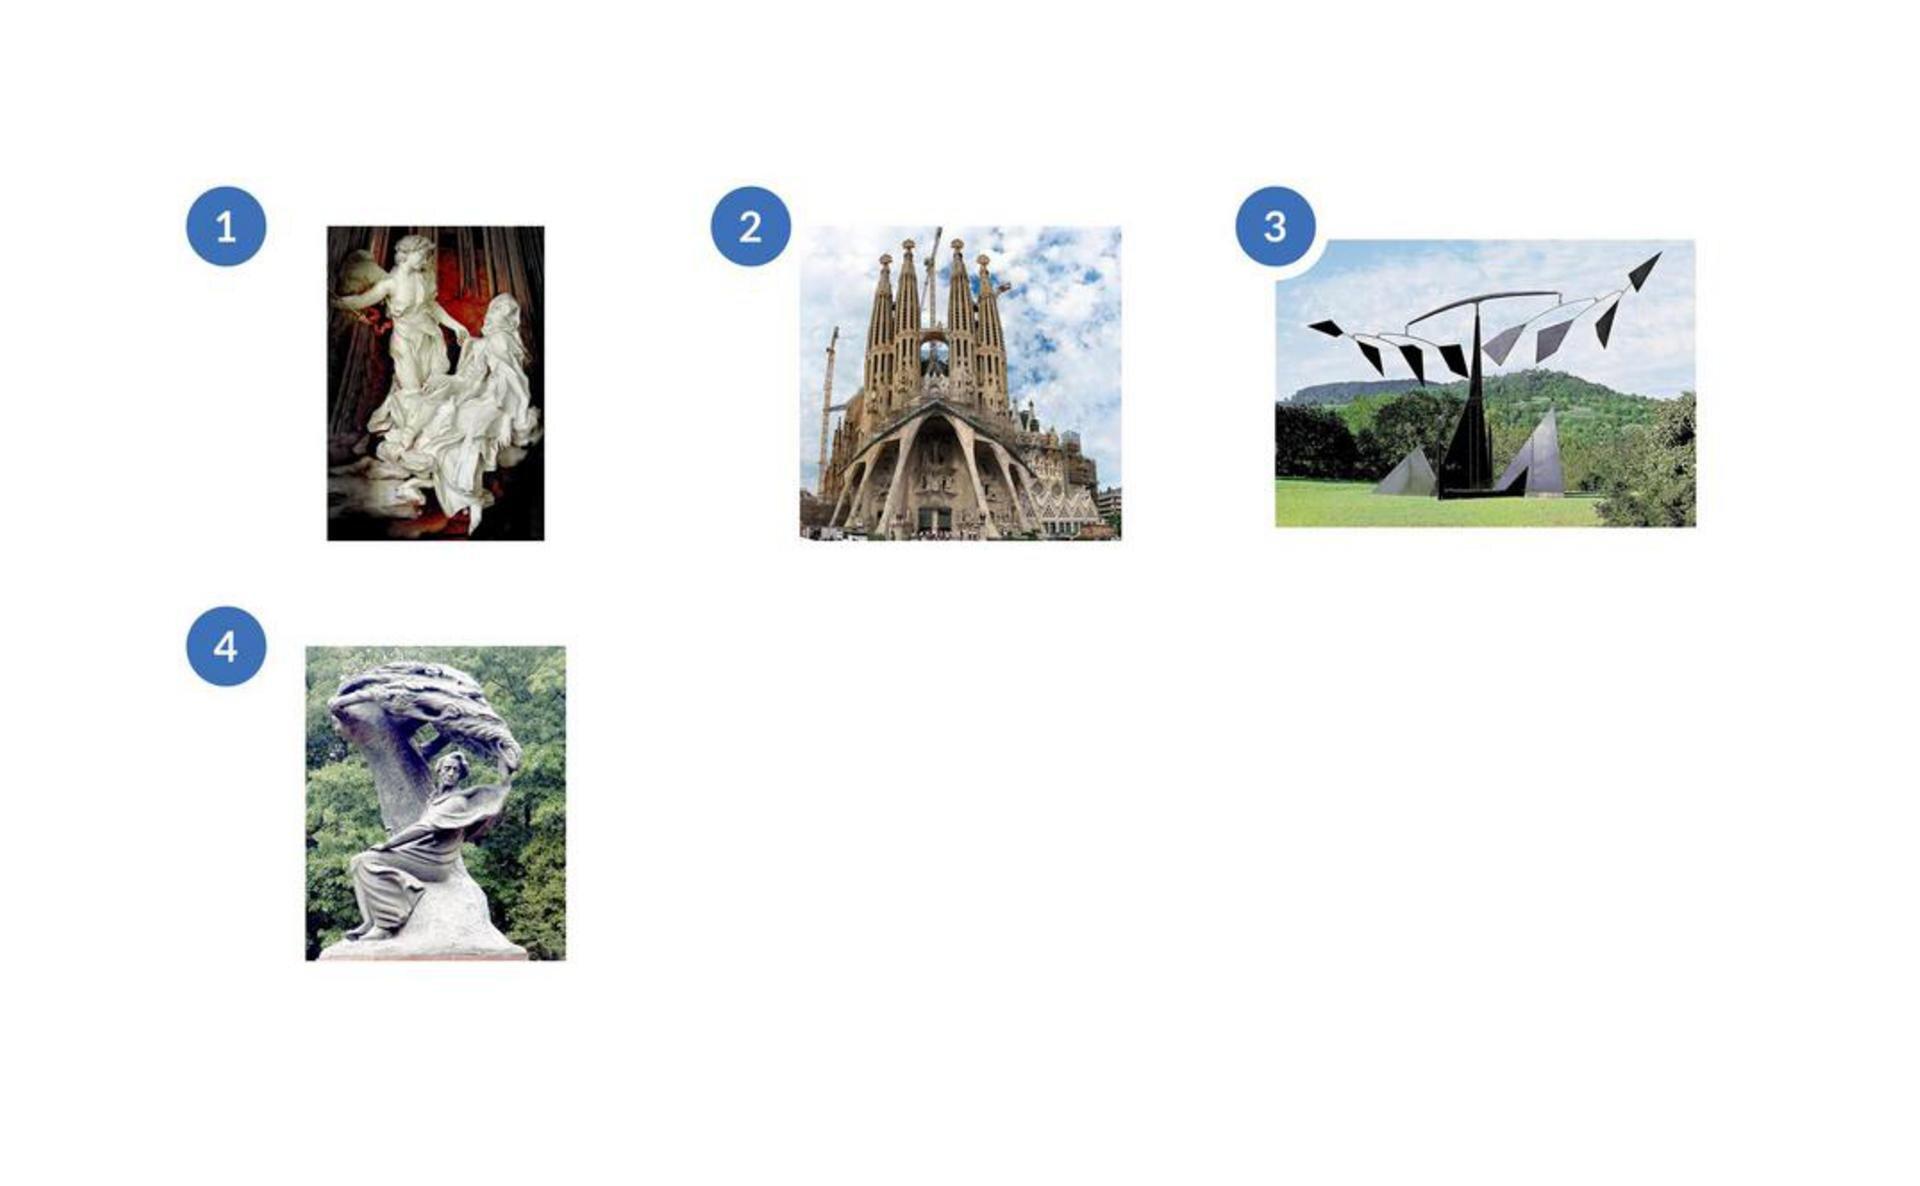 Pierwsze ze zdjęć znumerem 1 to to rzeźba wbiałym kolorze przedstawiająca dwie osoby. Postacie są wruchu lub rozmawiają. Jedna zosób stoi zwyciągniętą ręką wkierunku drugiej. Druga postać jest wpozycji siedzącej. Drugie ze zdjęć znumerem 2 to to strzelista budowla, fragment kościoła Sagrada Familia wBarcelonie. Widać cztery szpiczaste wieże oraz szerokie wejście udołu kościoła wsparte na lekko pochylonych kolumnach. Trzecie ze zdjęć znumerem 3 to konstrukcja stojąca na trawniku na tle zieleni. Składa się zwielu elementów ozróżnicowanej fakturze. Czwarte ze zdjęć znumerem 4 to pomnik Fryderyka Chopina wWarszawie. Wykonany zbrązu, przedstawia polskiego kompozytora siedzącego pod drzewem. Gałęzie malowniczo pochylają się, jakby pod wpływem silnego wiatru. Nad głową Chopina układają się wkształt dłoni. Postać artysty wydaje się być zespolona zdrzewem, poły jego płaszcza powiewają. Chopin został ukazany lekko odchylony, zprzymkniętymi oczami, prawą rękę unoszący wpowietrzu.